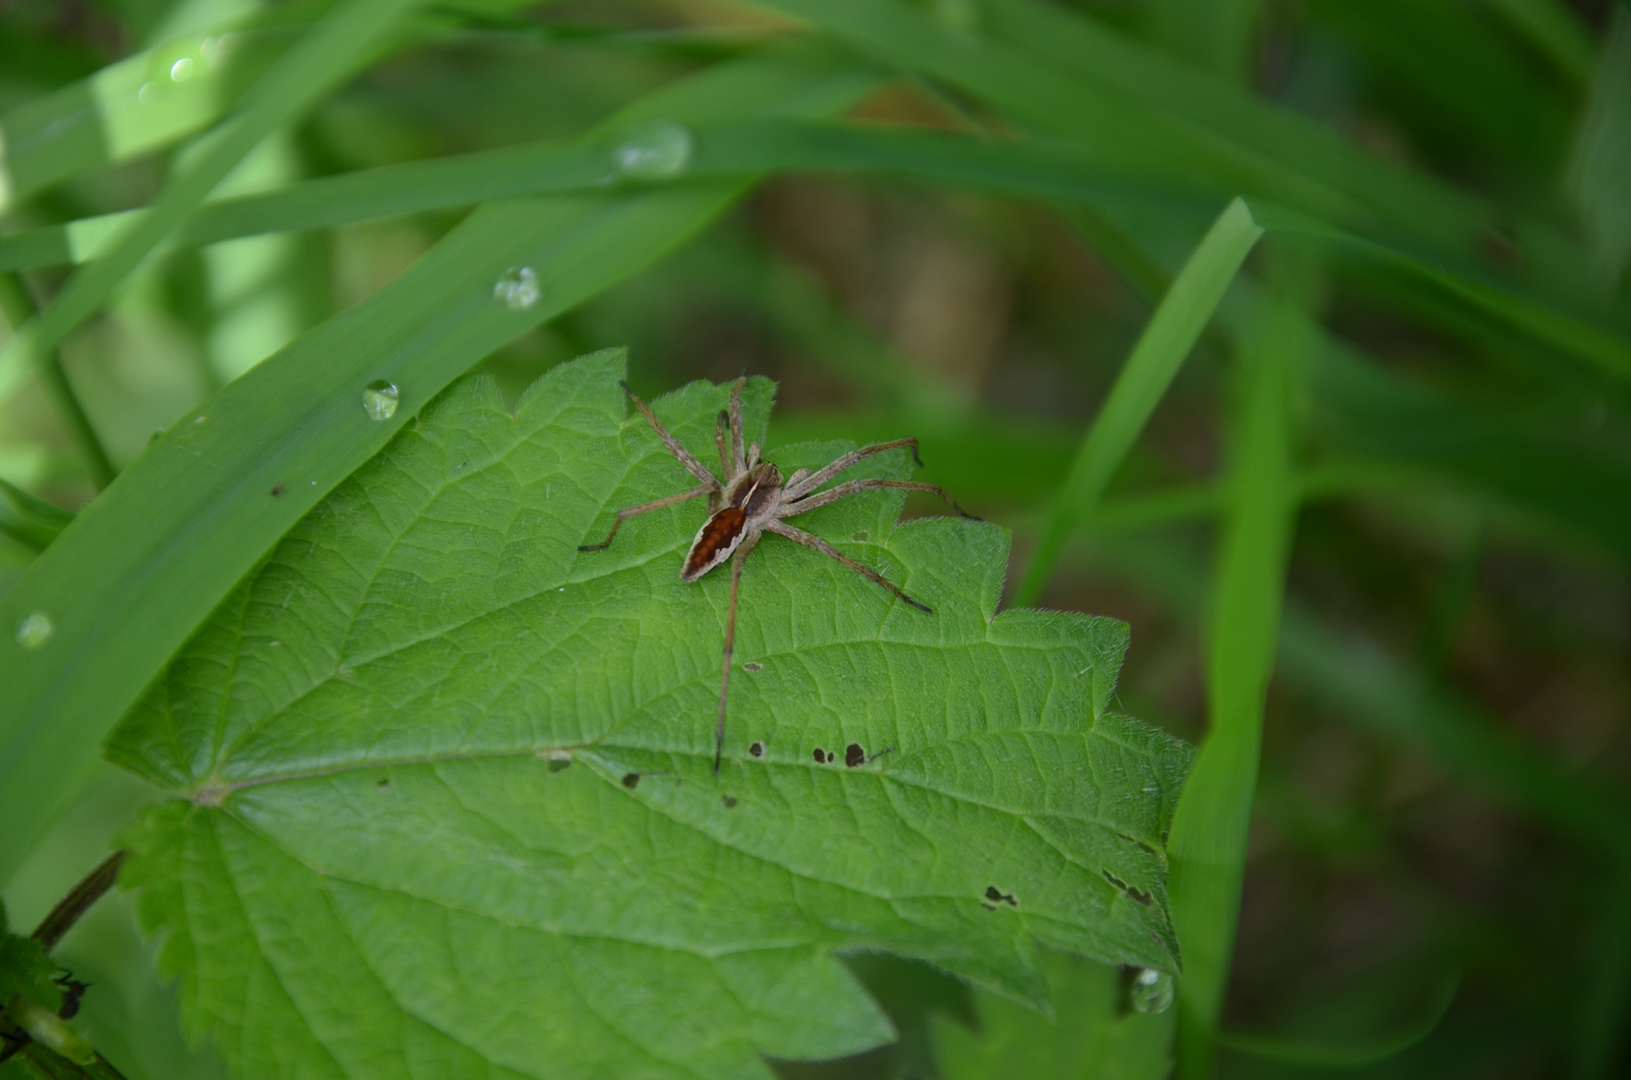 Eine kleine Spinne krabbelt...